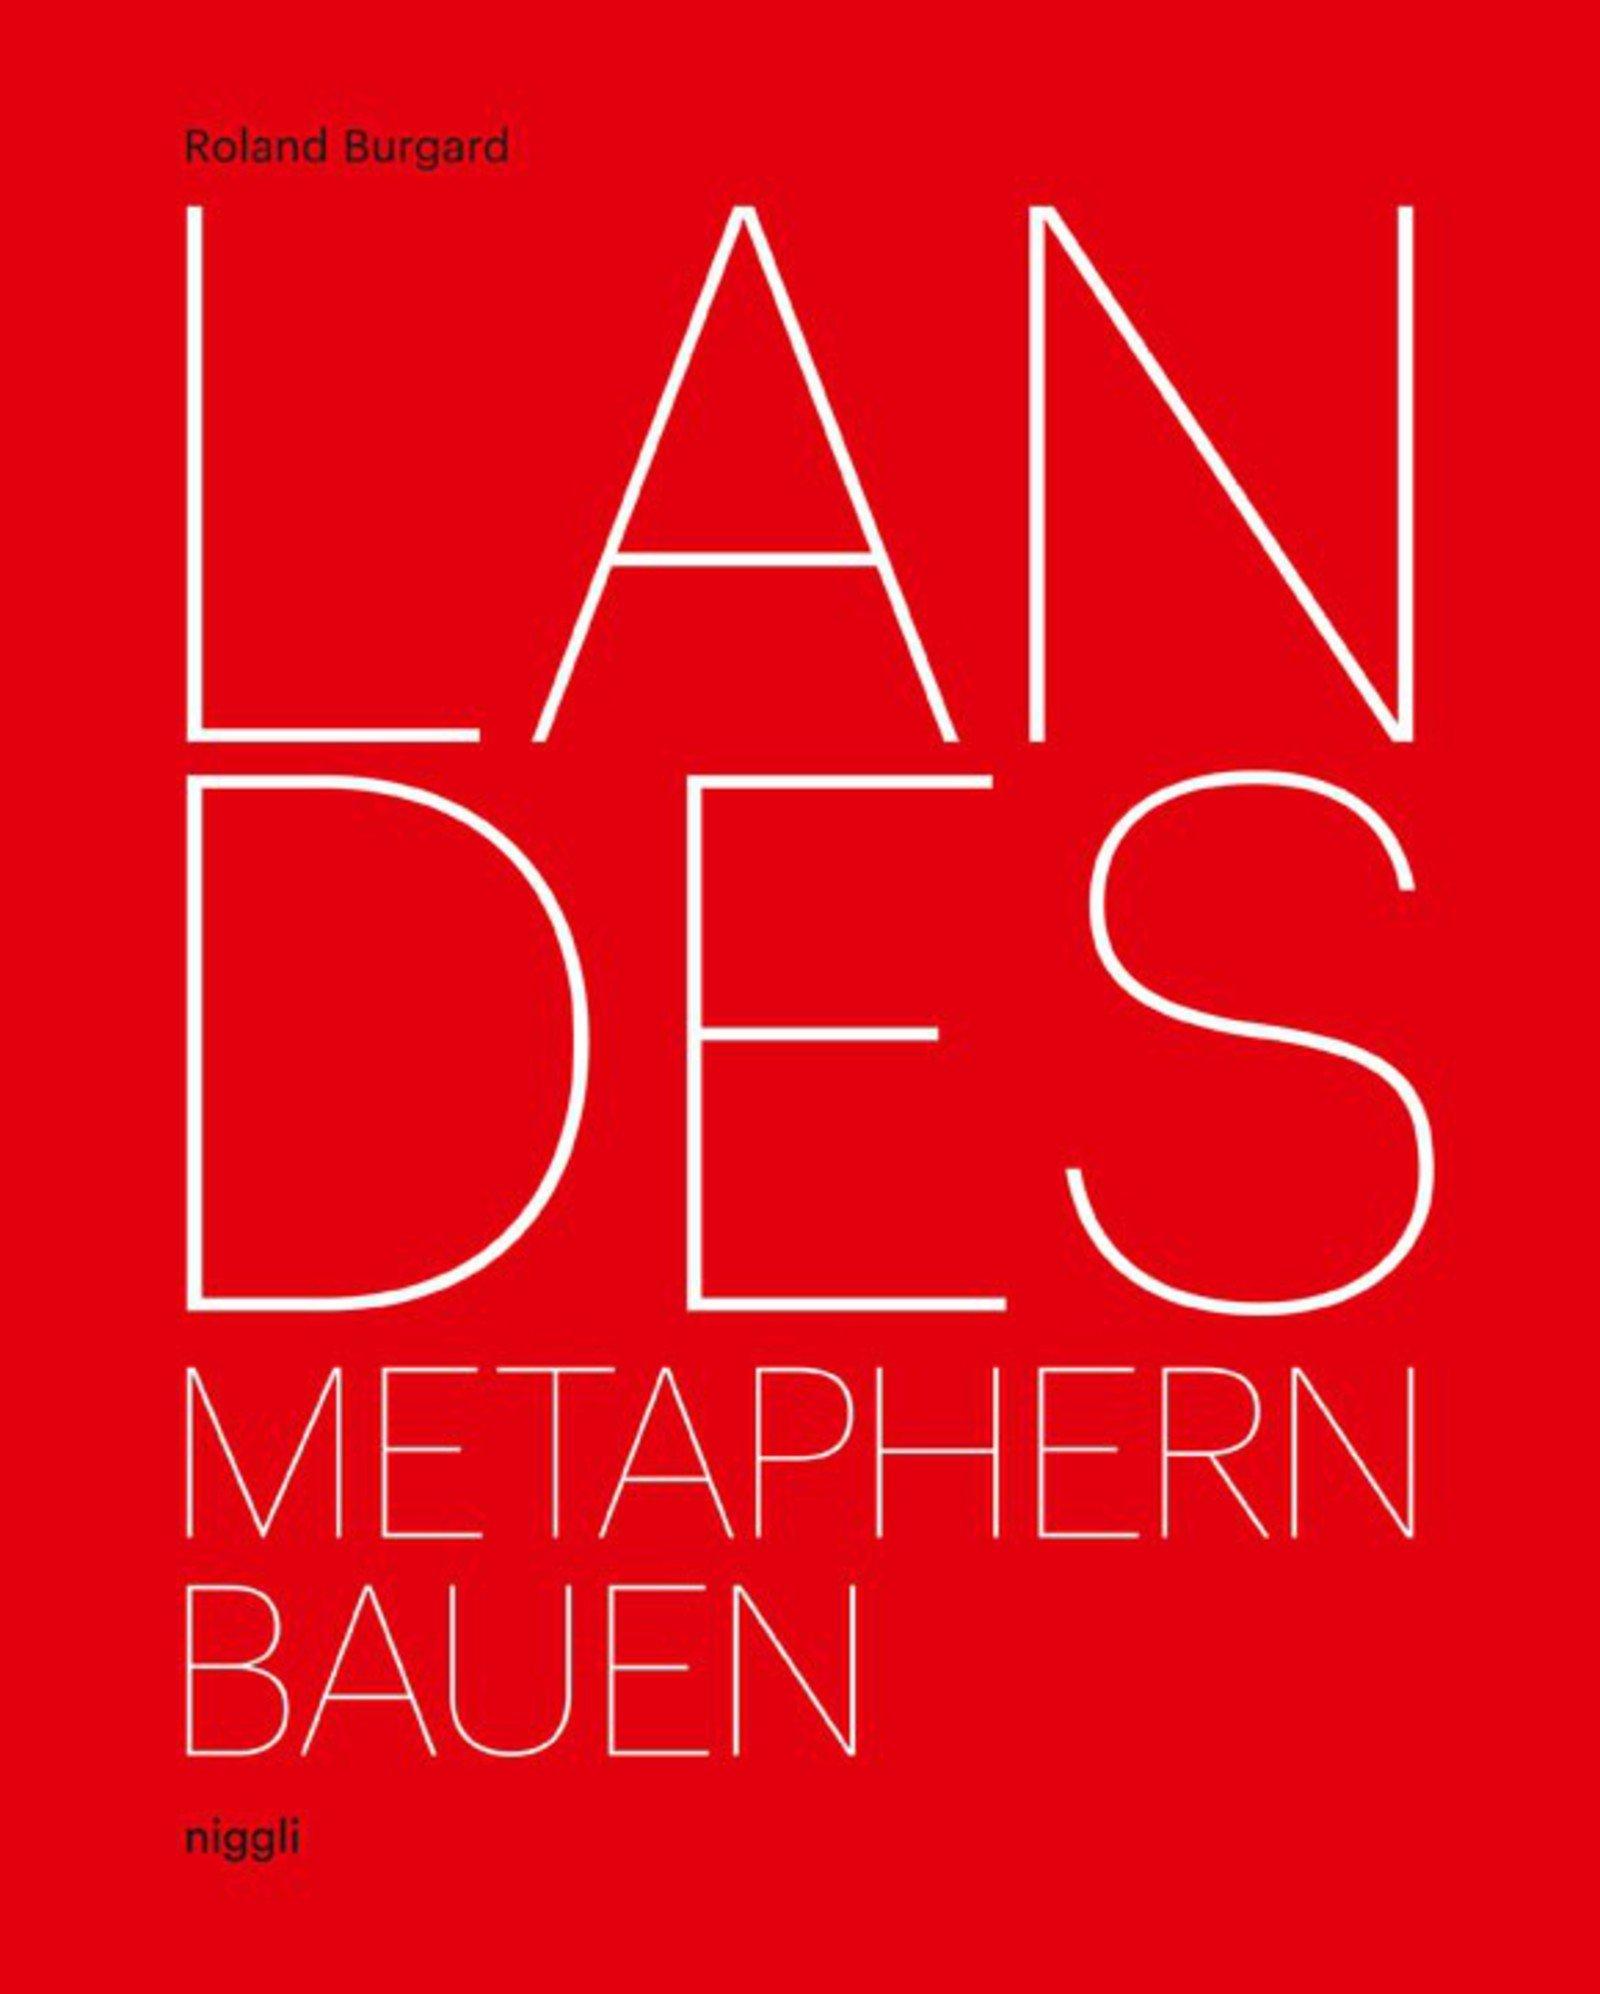 Landes. Metaphern Bauen: Amazon.de: Roland Burgard: Bücher